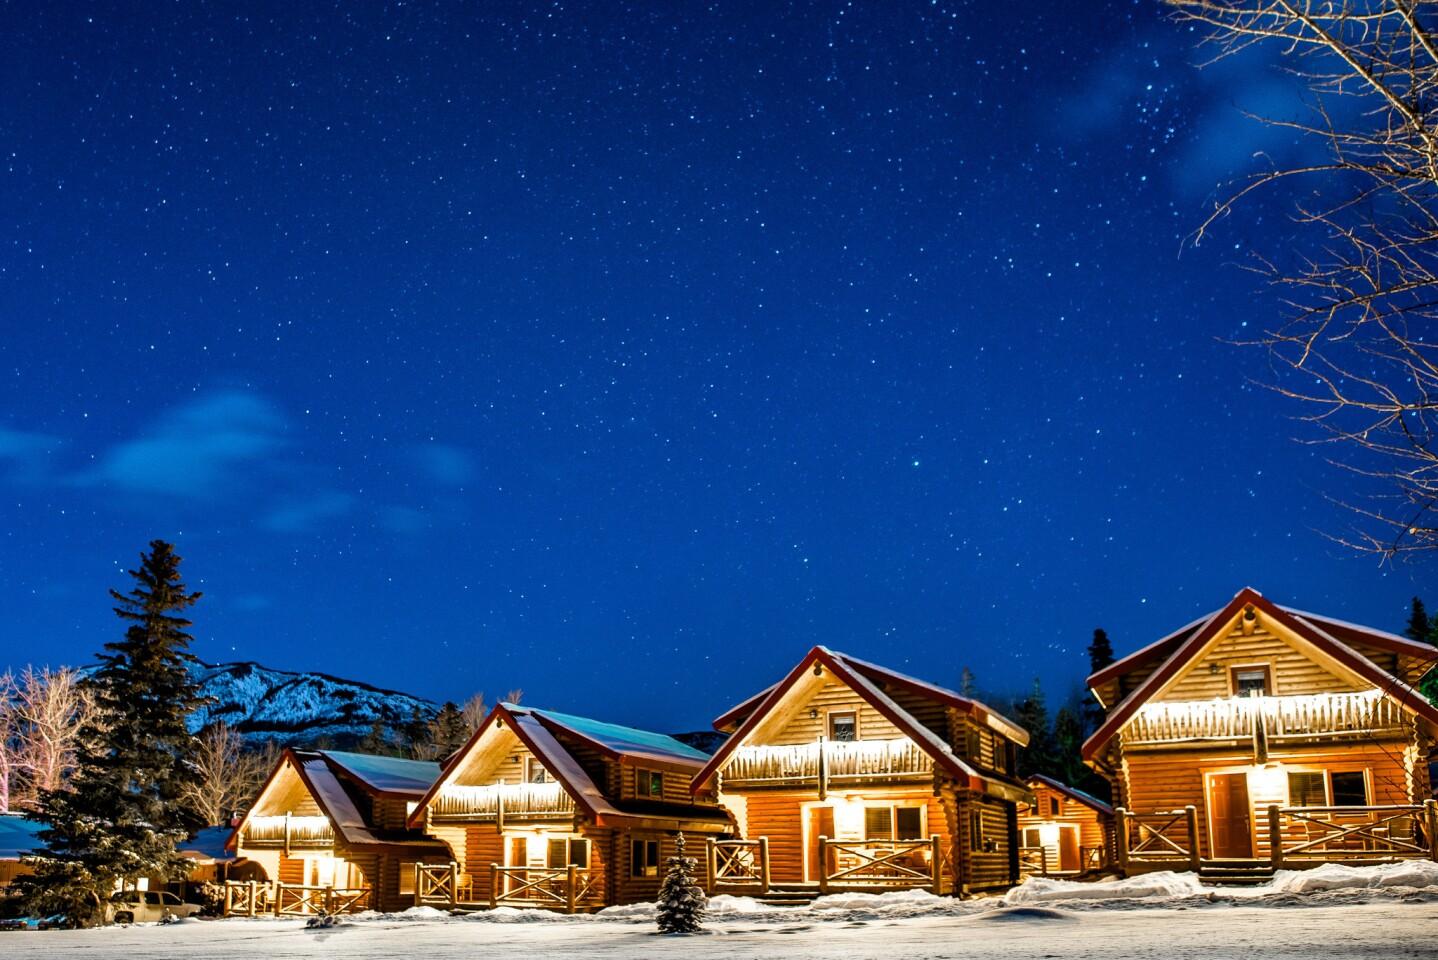 Cabins glow in the night in Jasper, Canada.